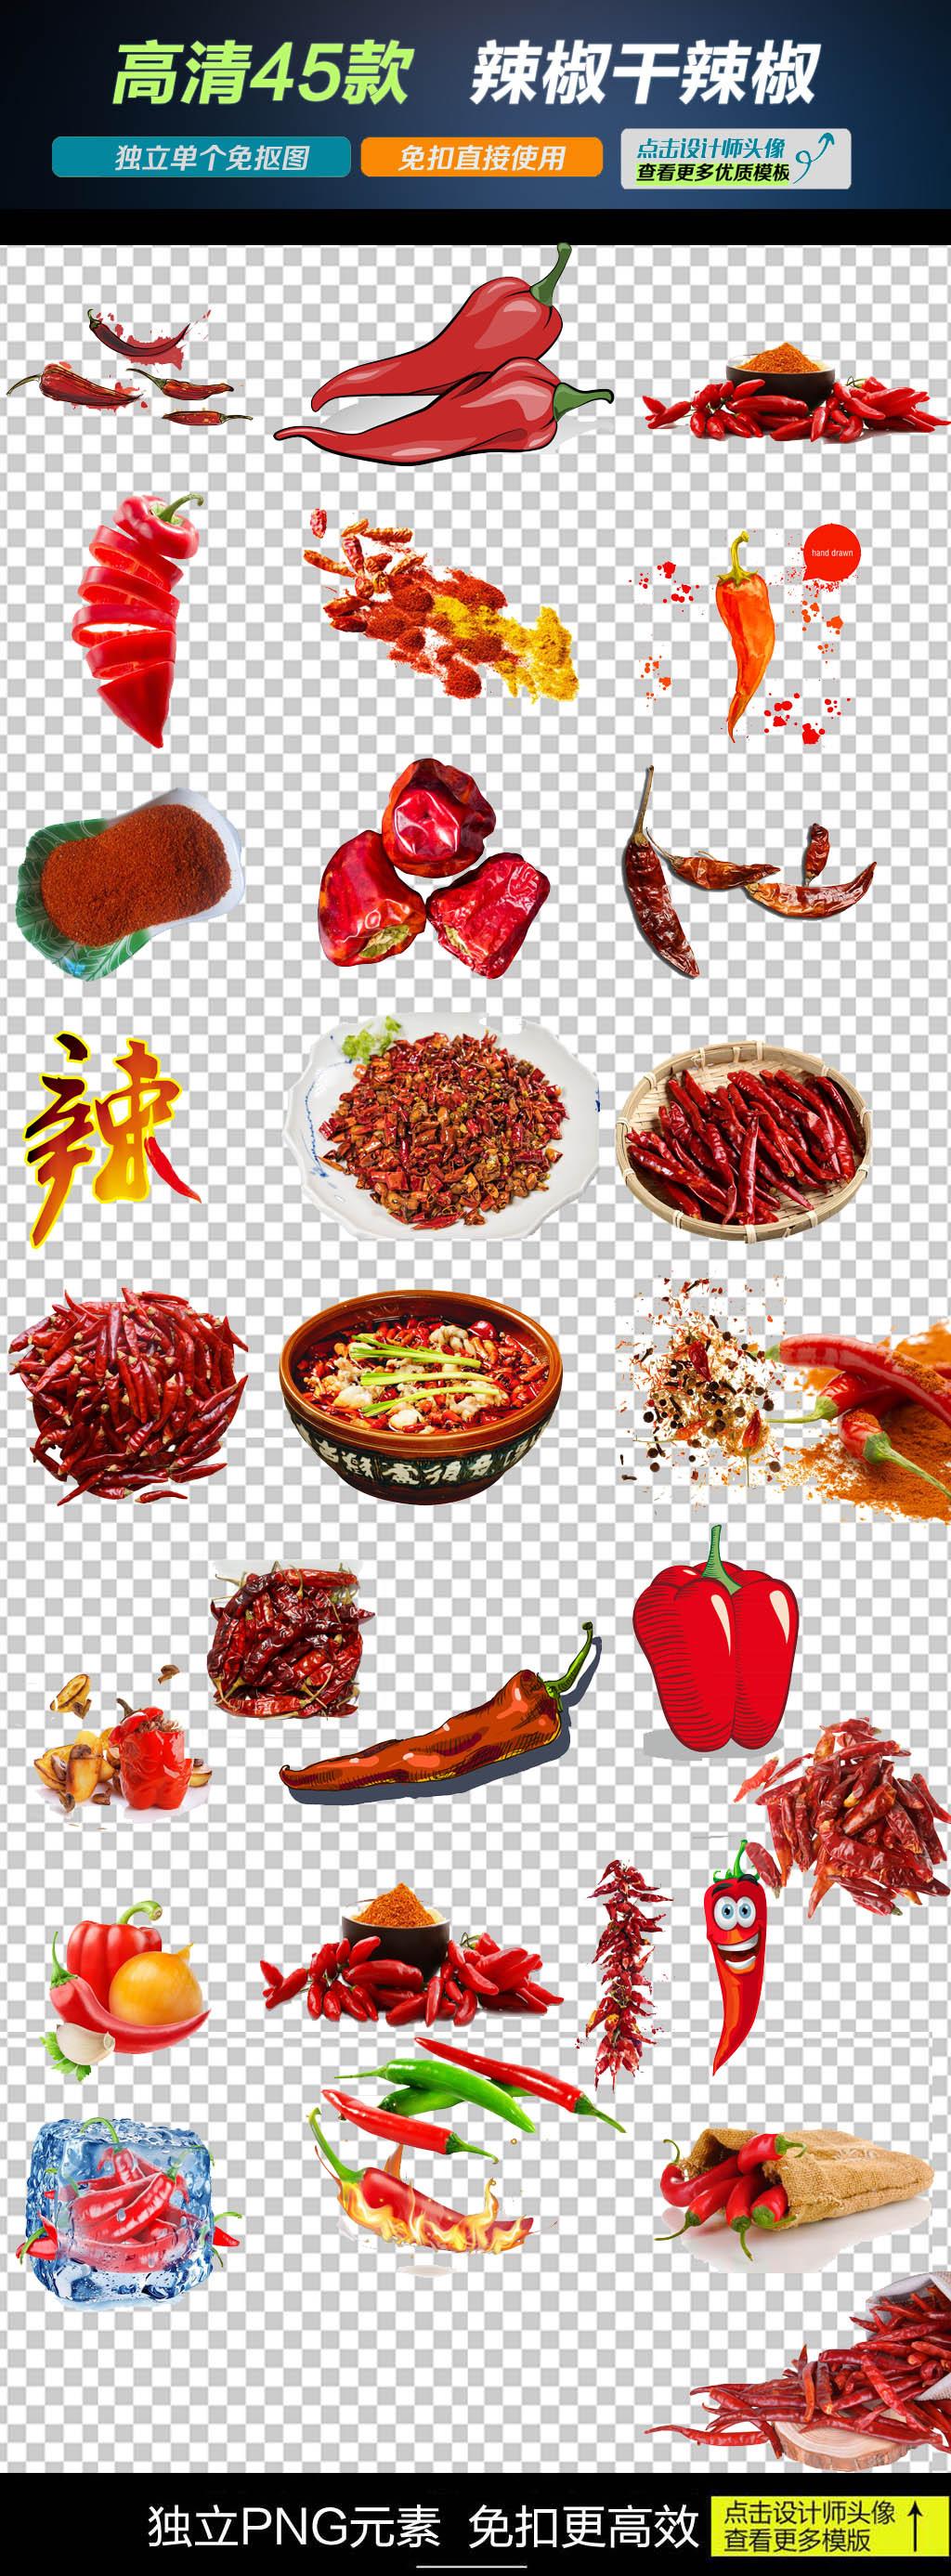 红辣椒干四川辣味麻辣美食海报png透明